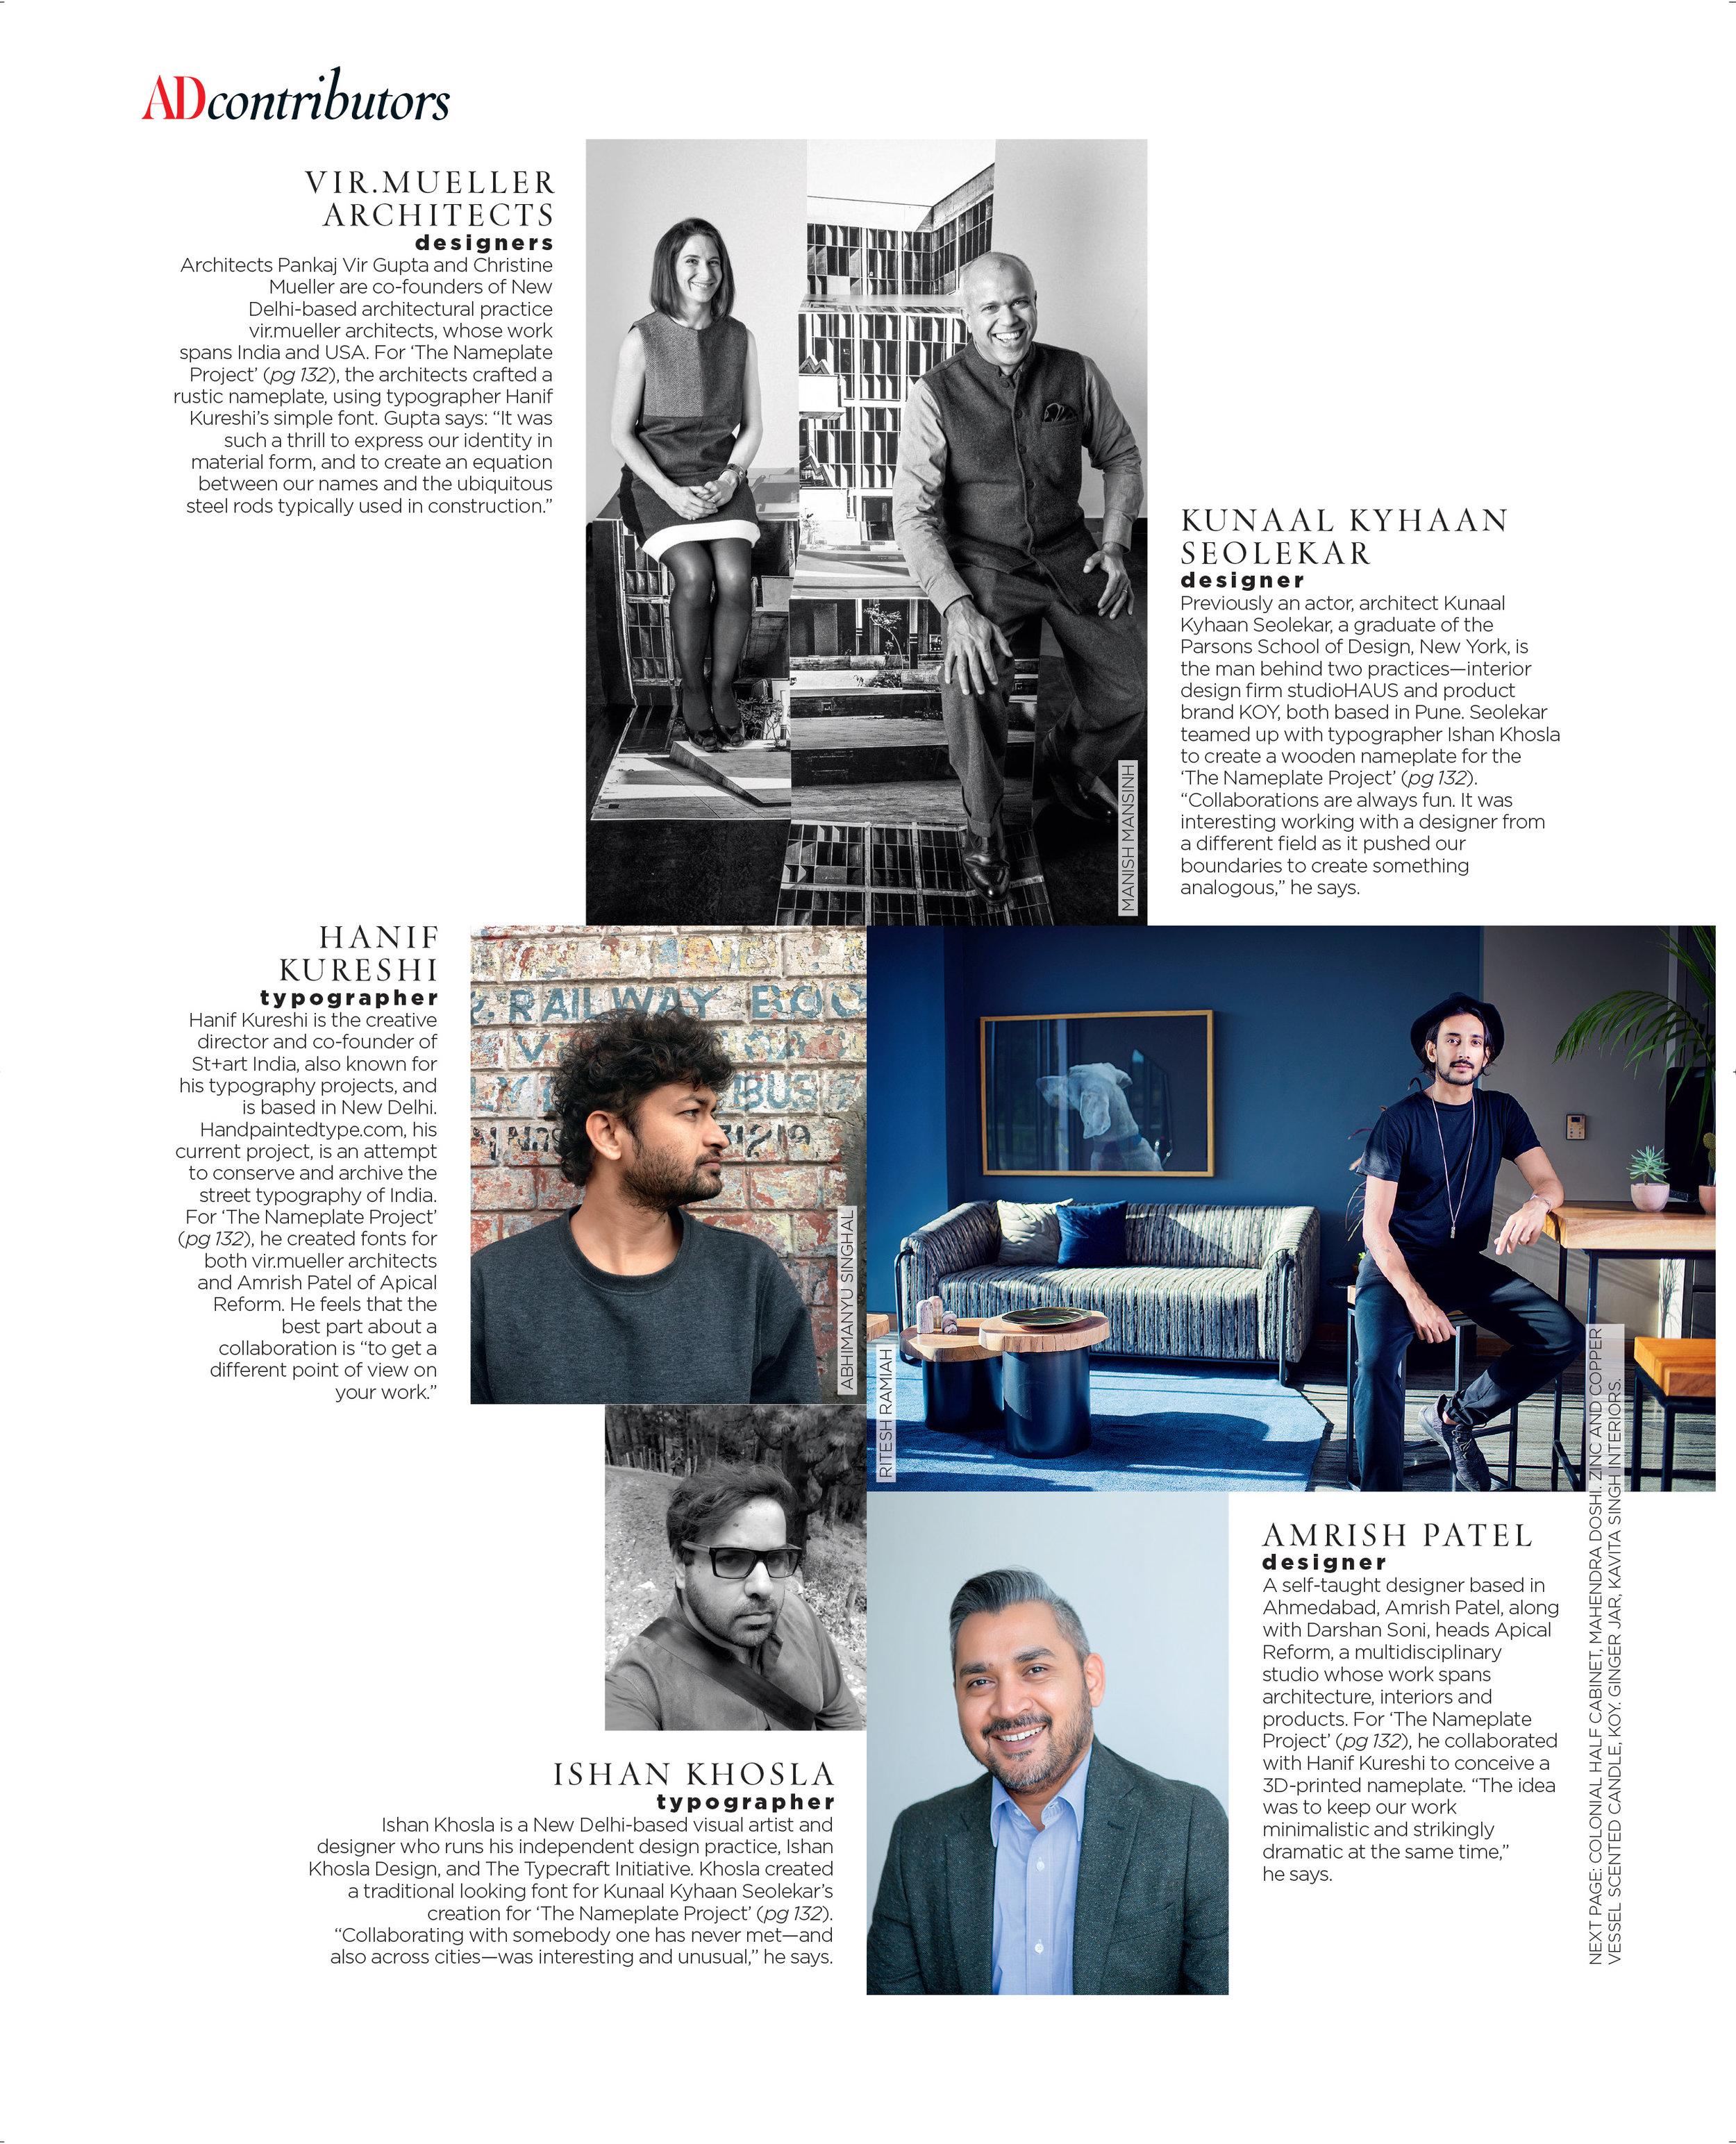 AD India | AD Contribution |  Kunaal Kyhaan Seolekar